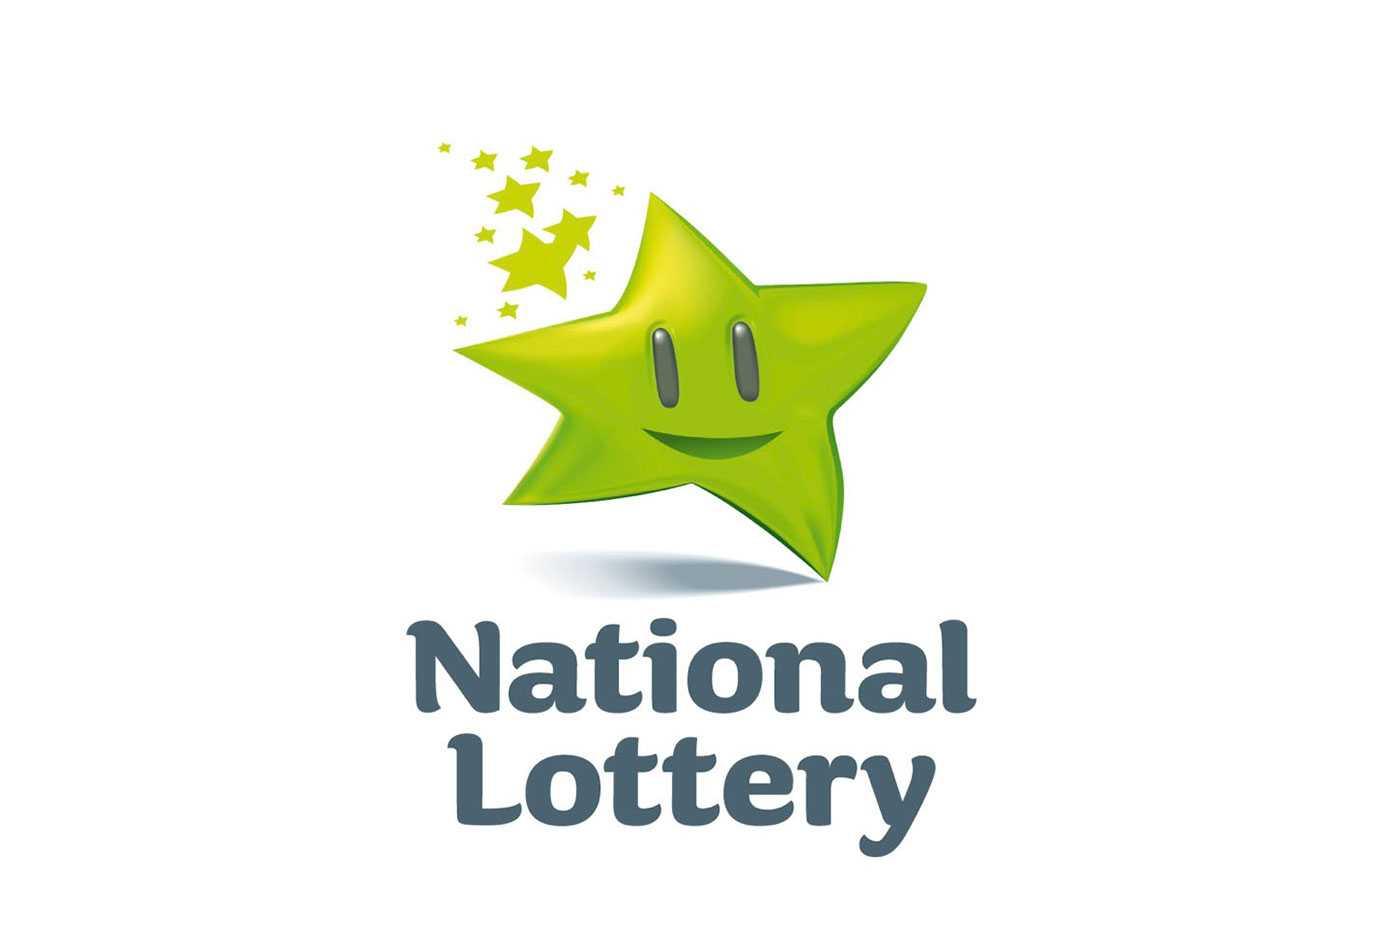 Национальной лотерее ирландии 30 лет! - timelottery